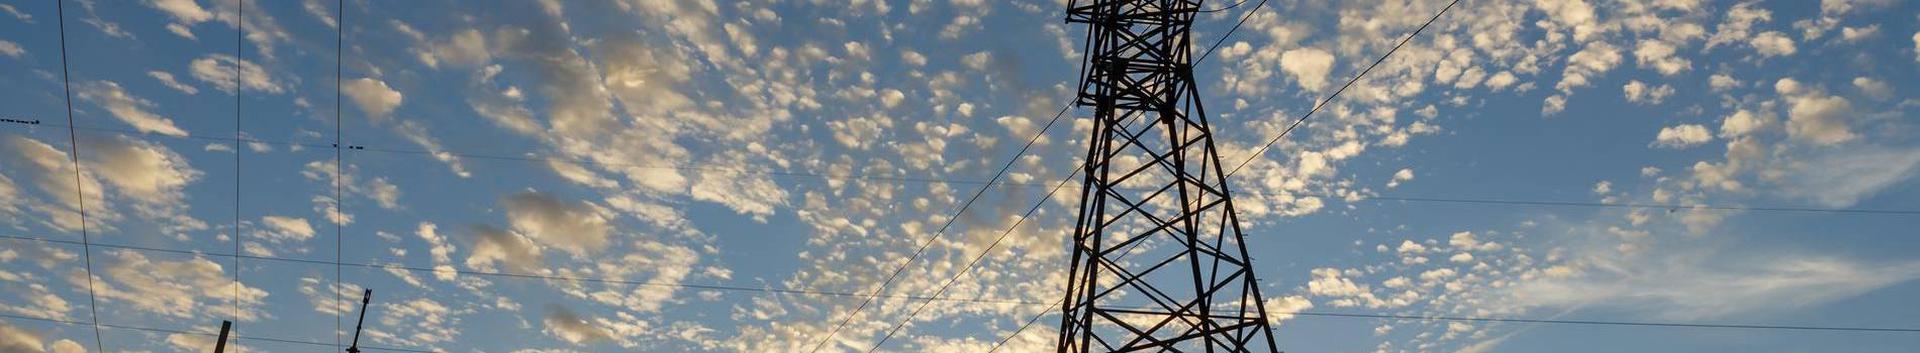 35119_muu-elektrienergia-tootmine_31926509_xl.jpg